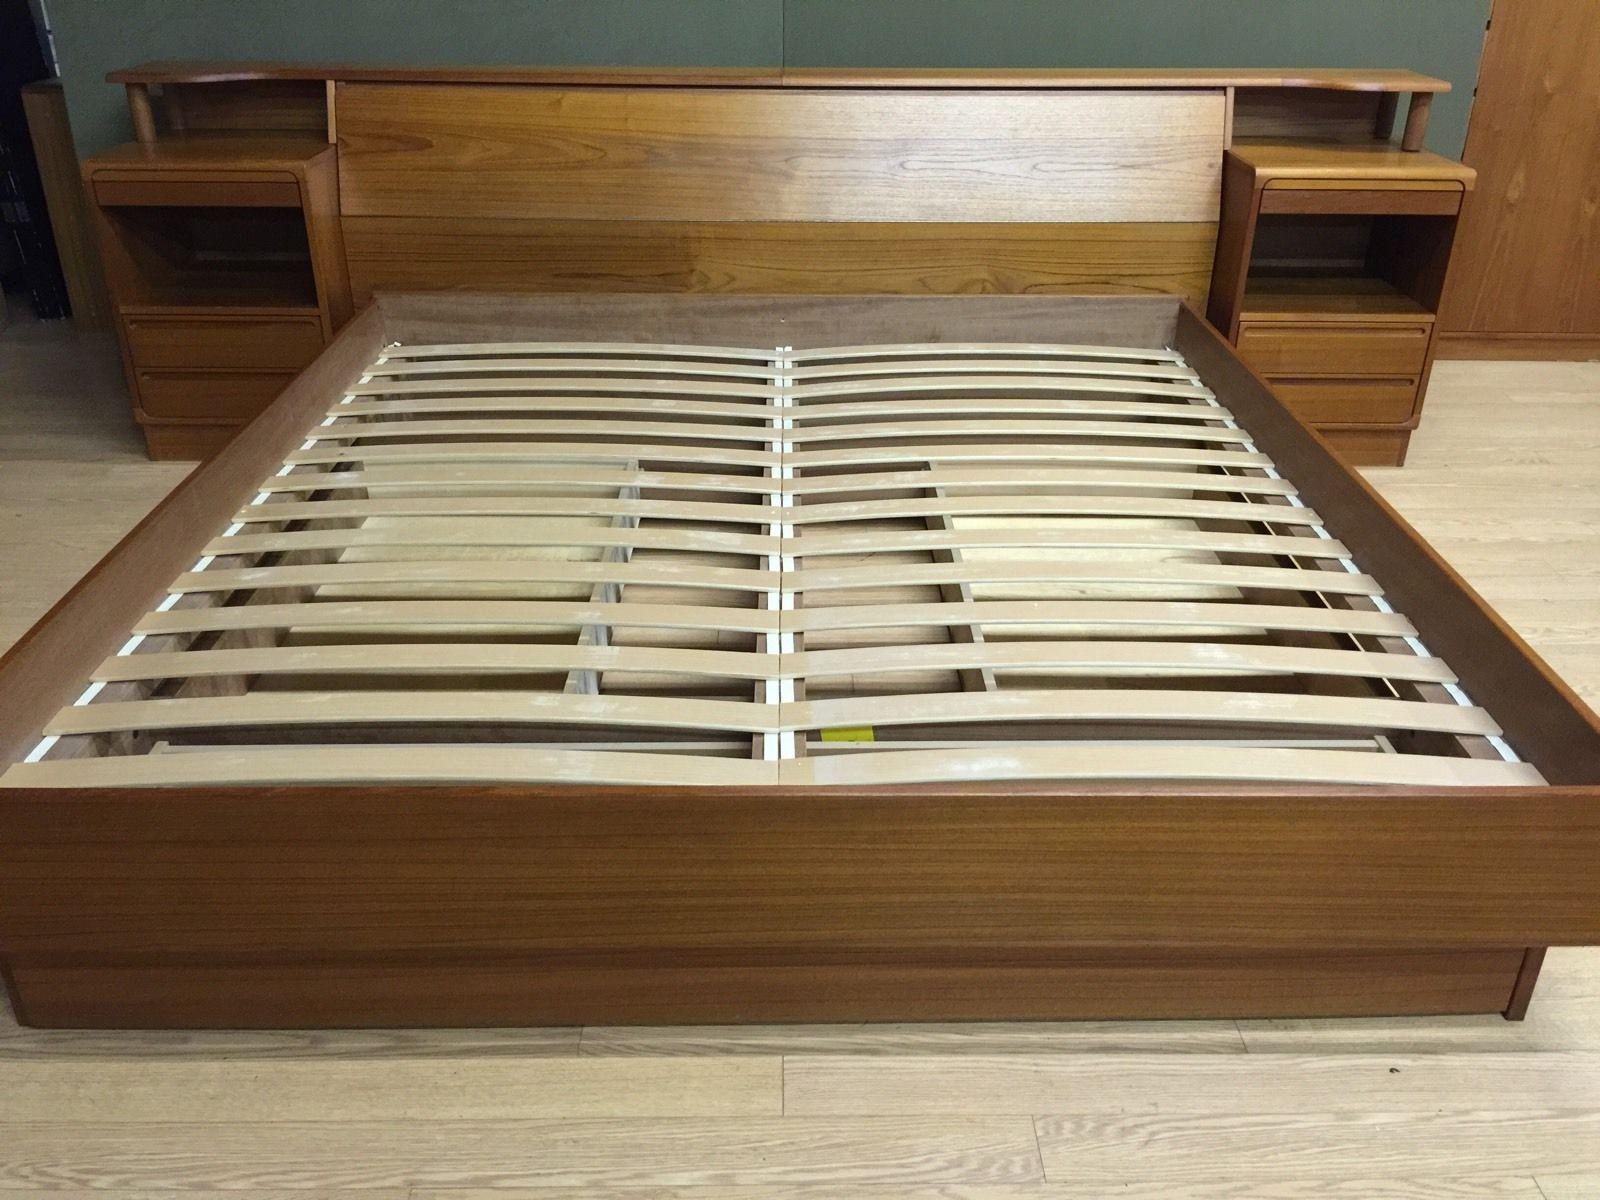 Teak Danish Modern King Platform Bed Torring Under Bed Storage Leather Backrests Ebay King Platform Bed Bed Storage Under Bed Storage